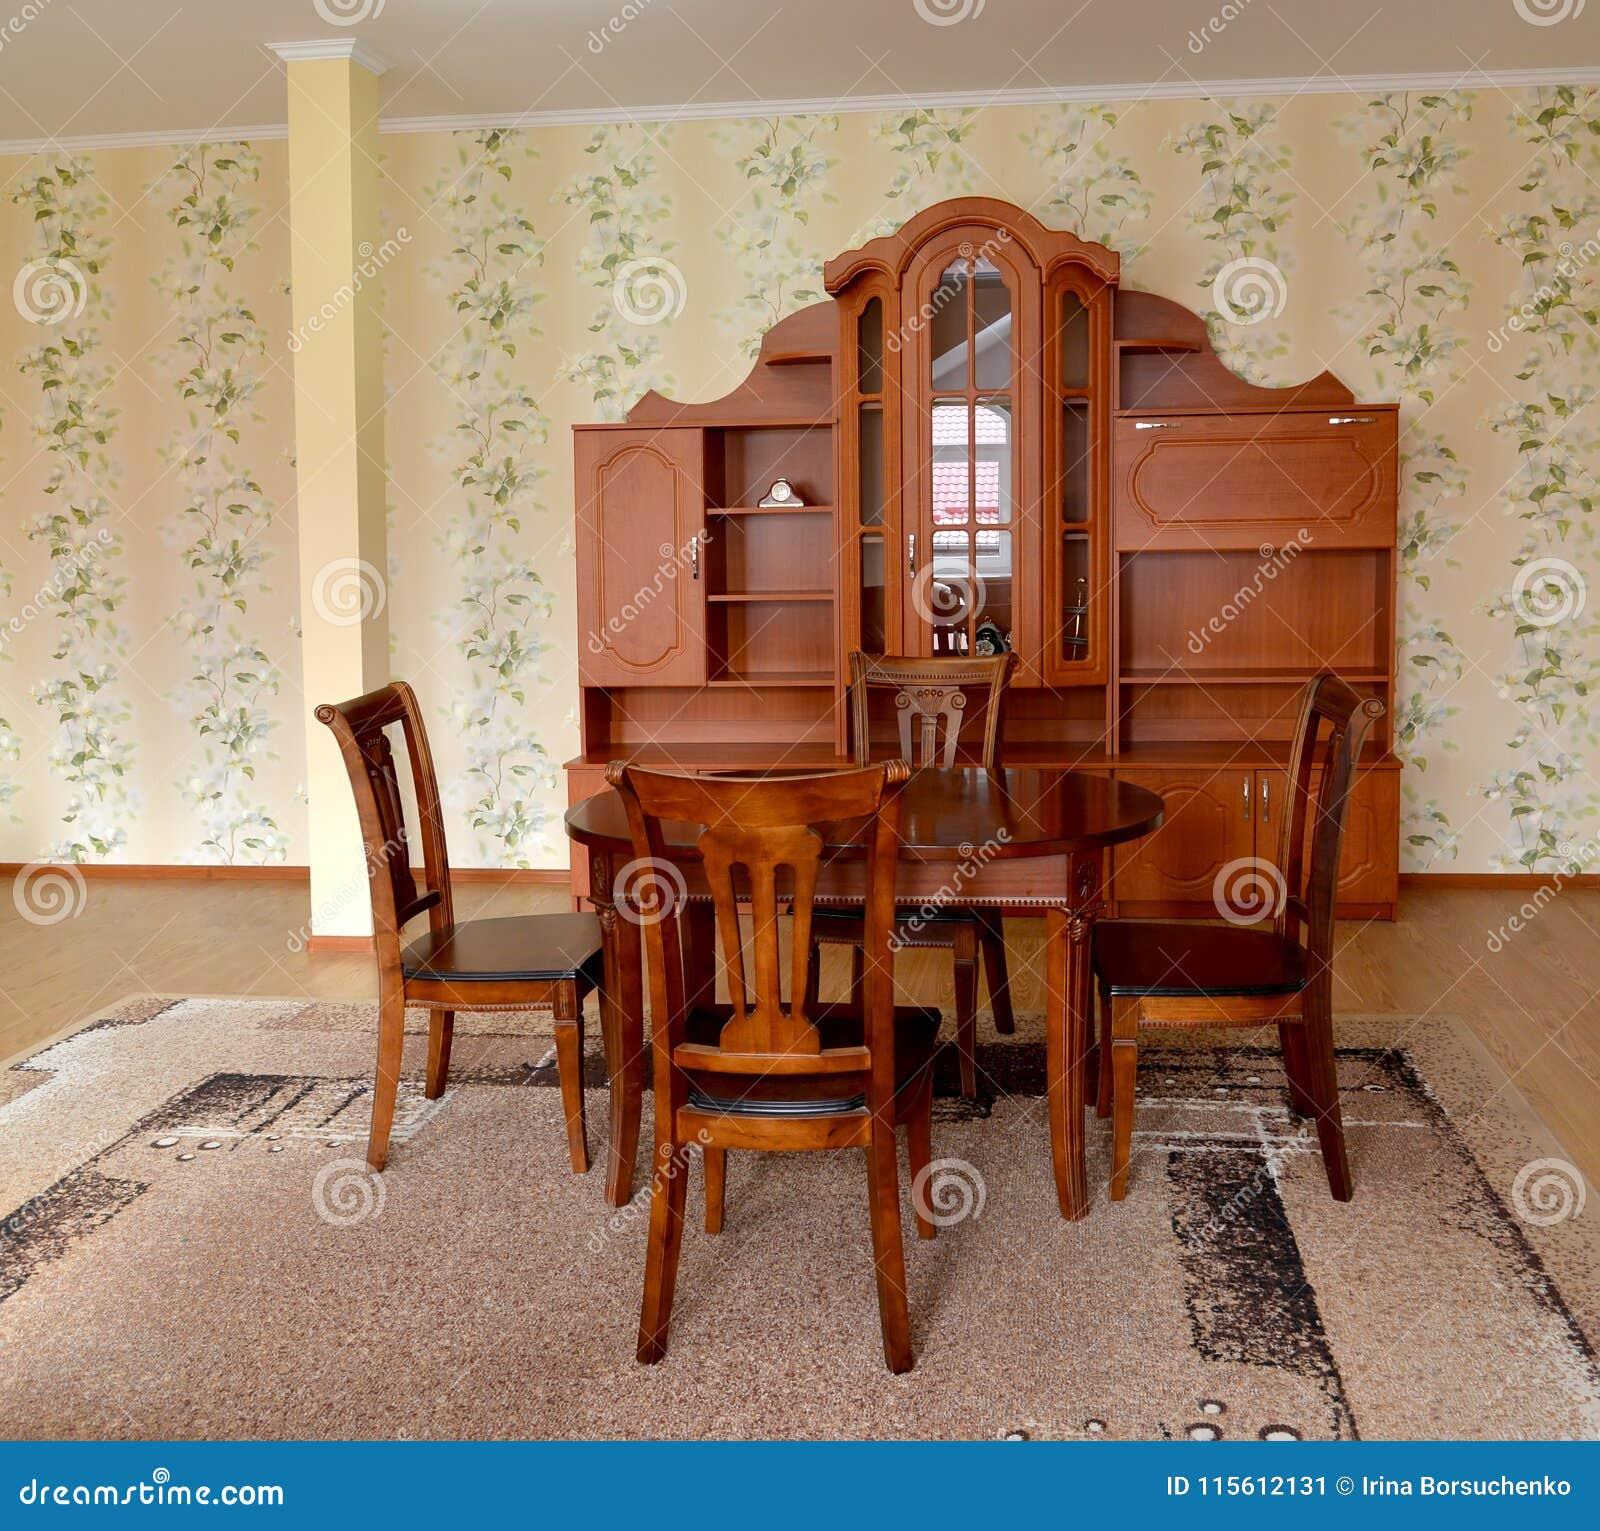 Sala de estar sin muebles stock photos royalty free pictures for Muebles industriales sala de estar